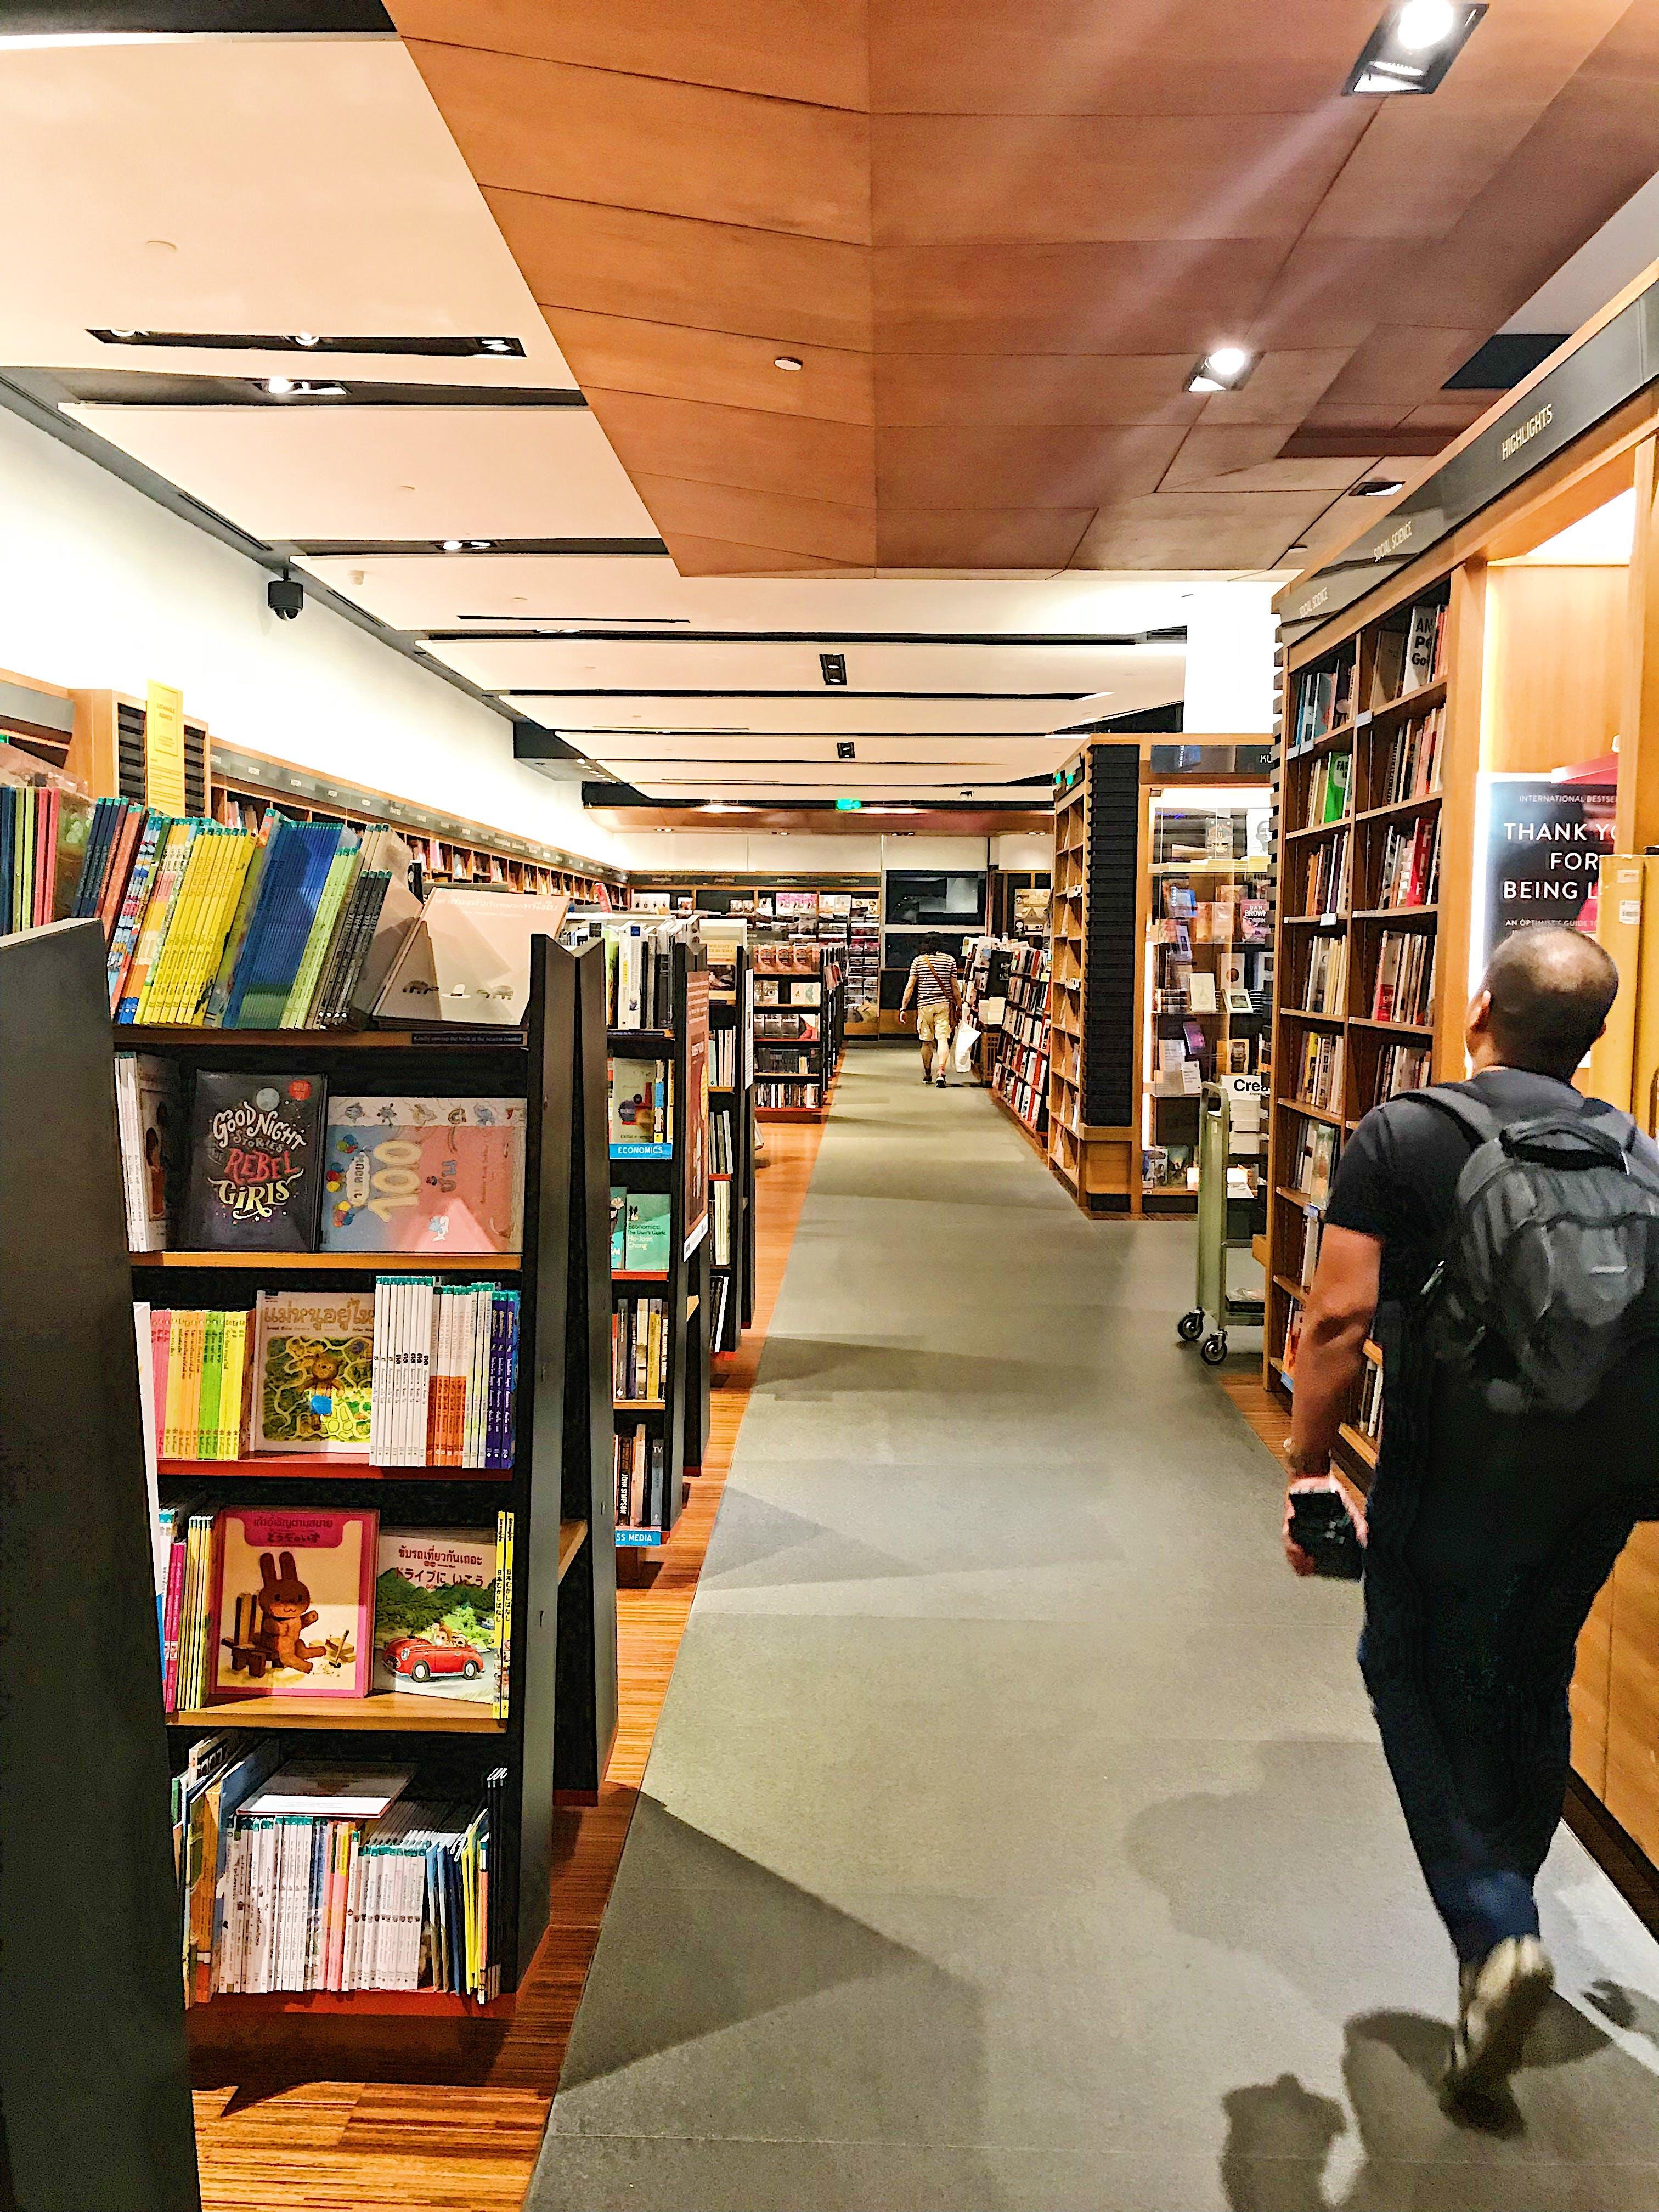 Free stock photo of books, bookshelf, bookshelves, bookshop